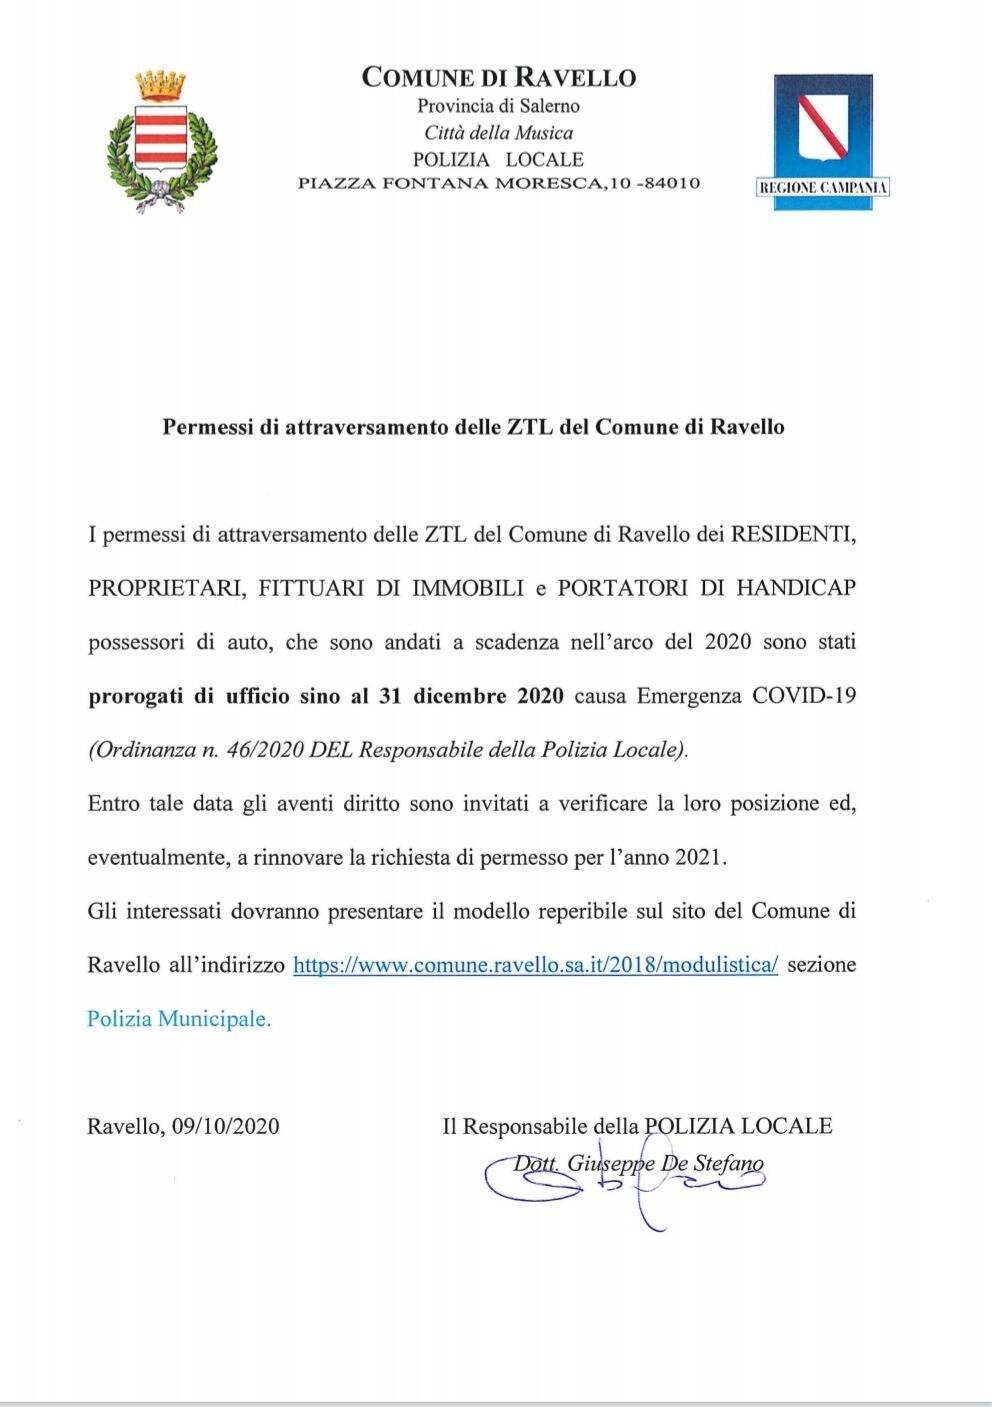 Ravello. Permessi di attraversamento delle ZTL